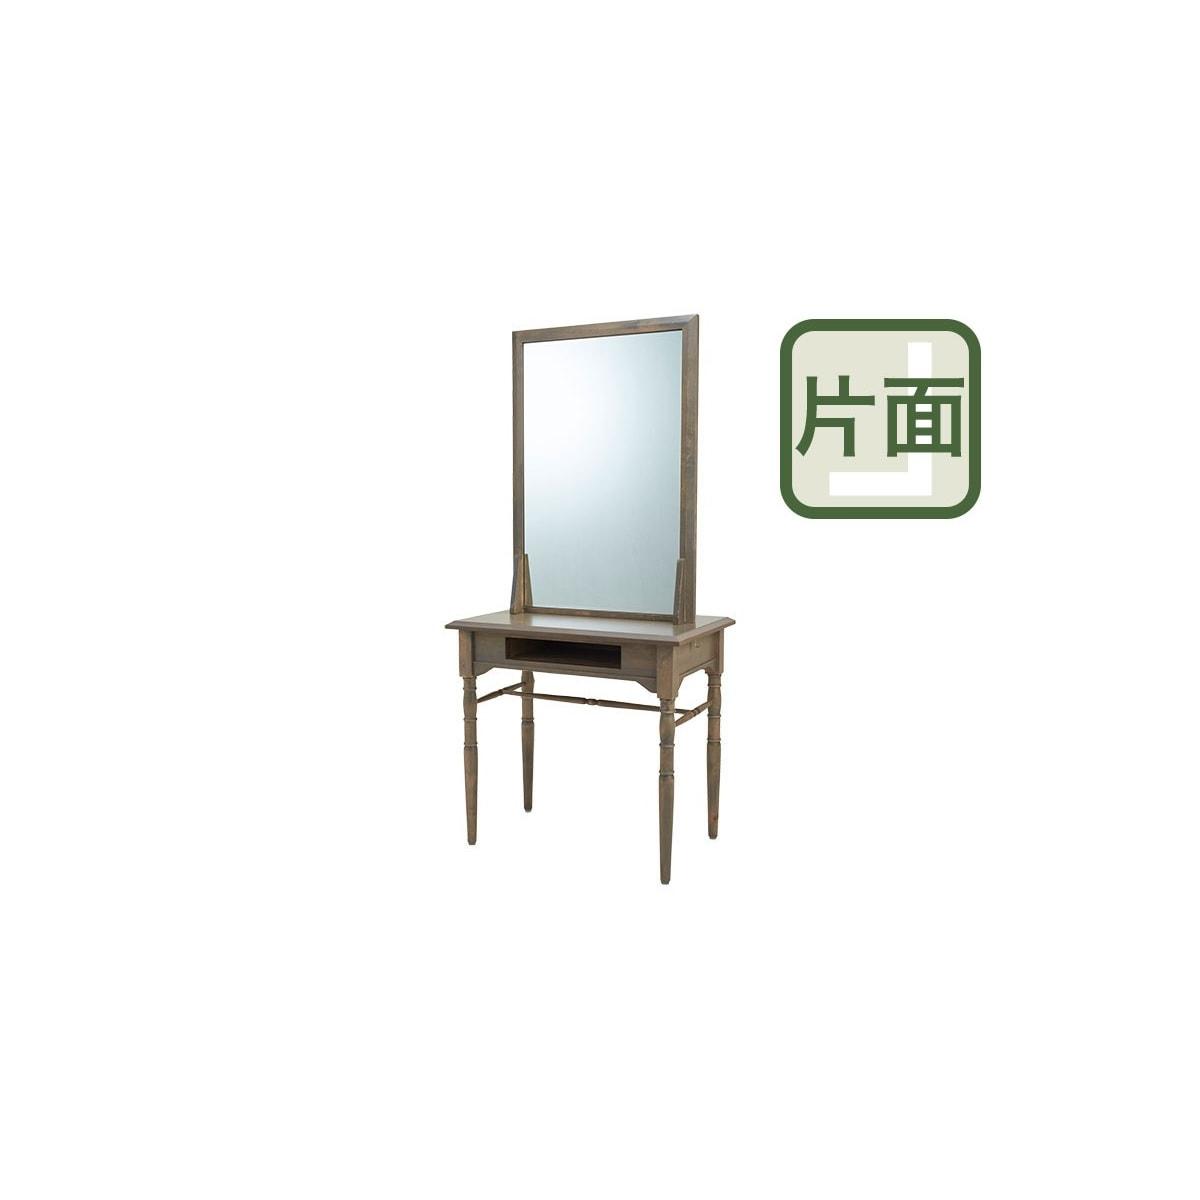 【シャビーシック】天然木製片面ドレッサーLouis(ルイ)1stモデルBR